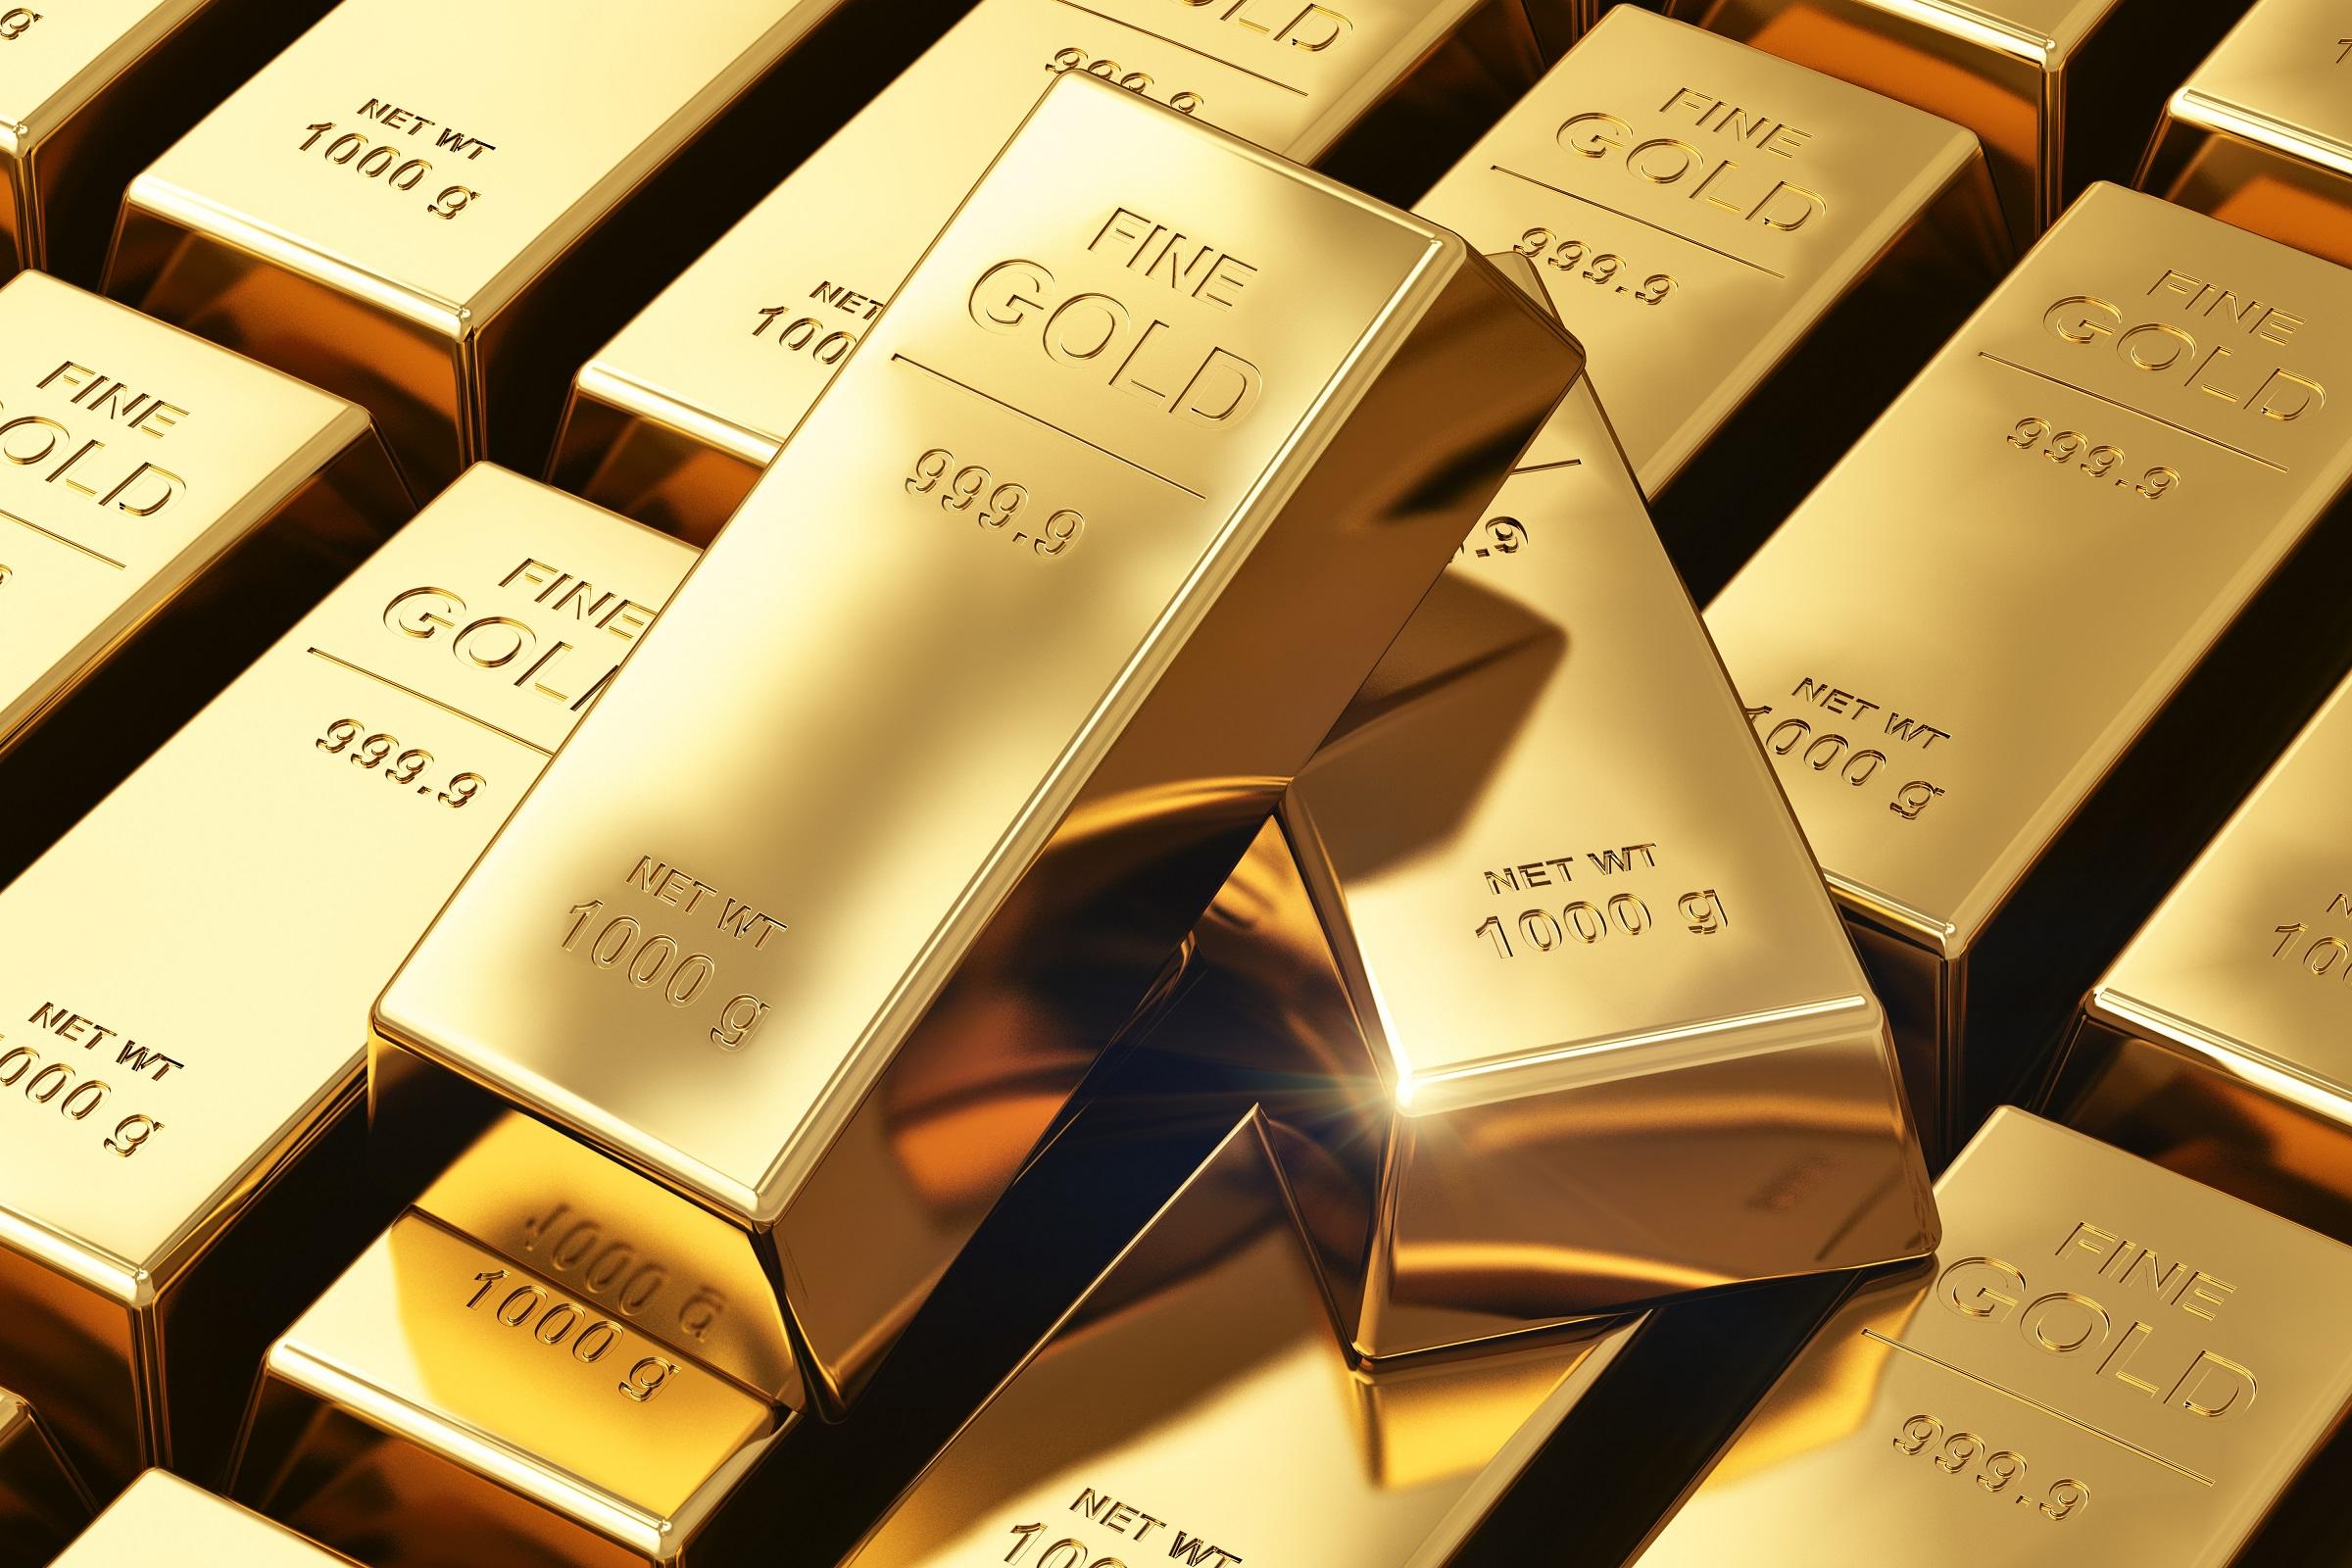 Negatywne prognozy dla złota. Kurs przy 1600 USD w przyszłym roku